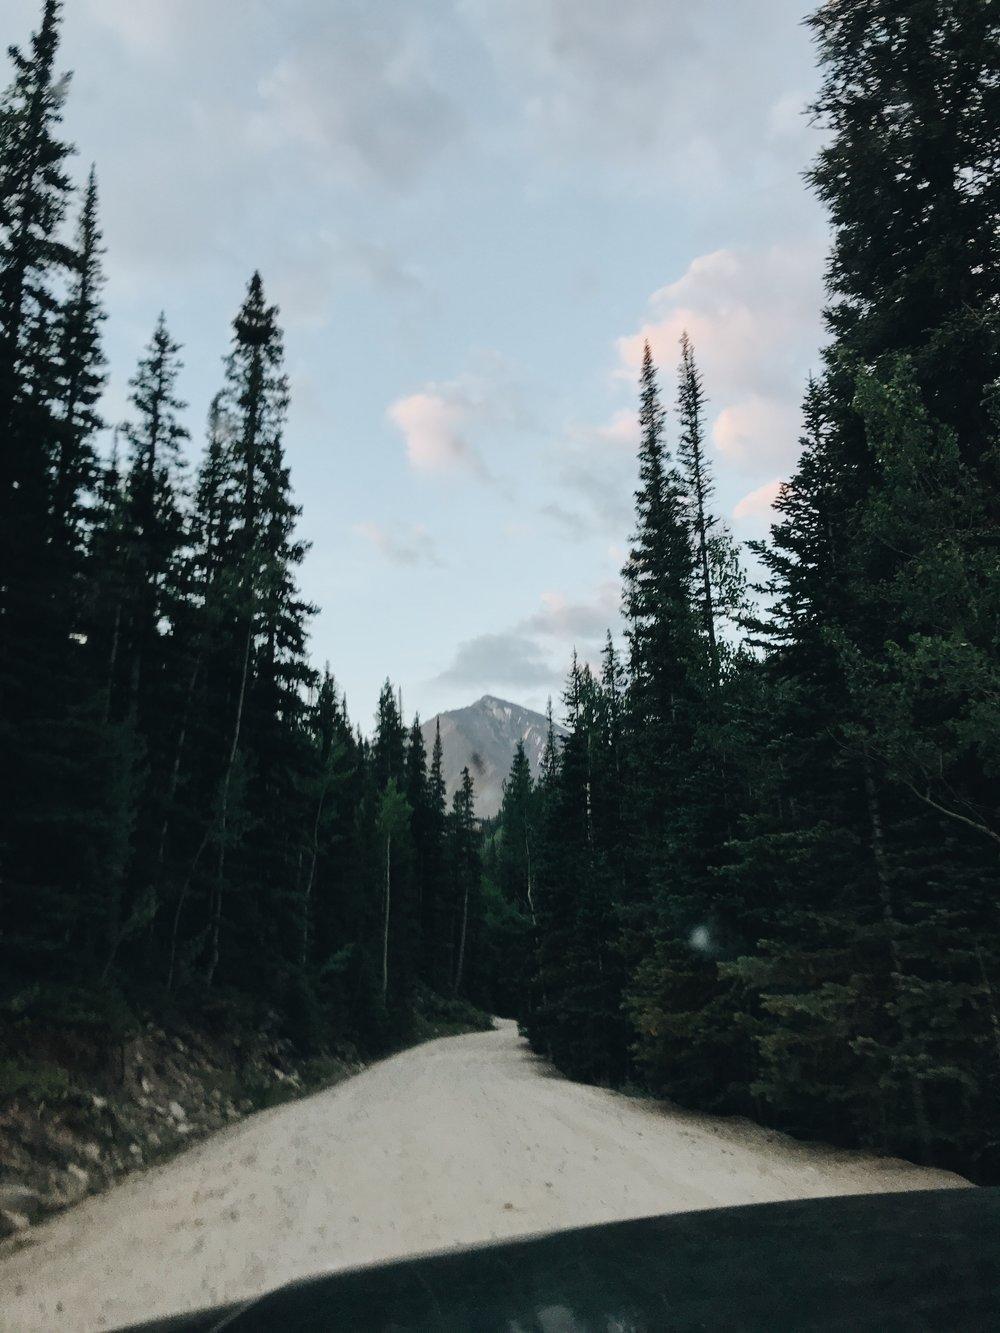 Gray's/Torrey's Peak